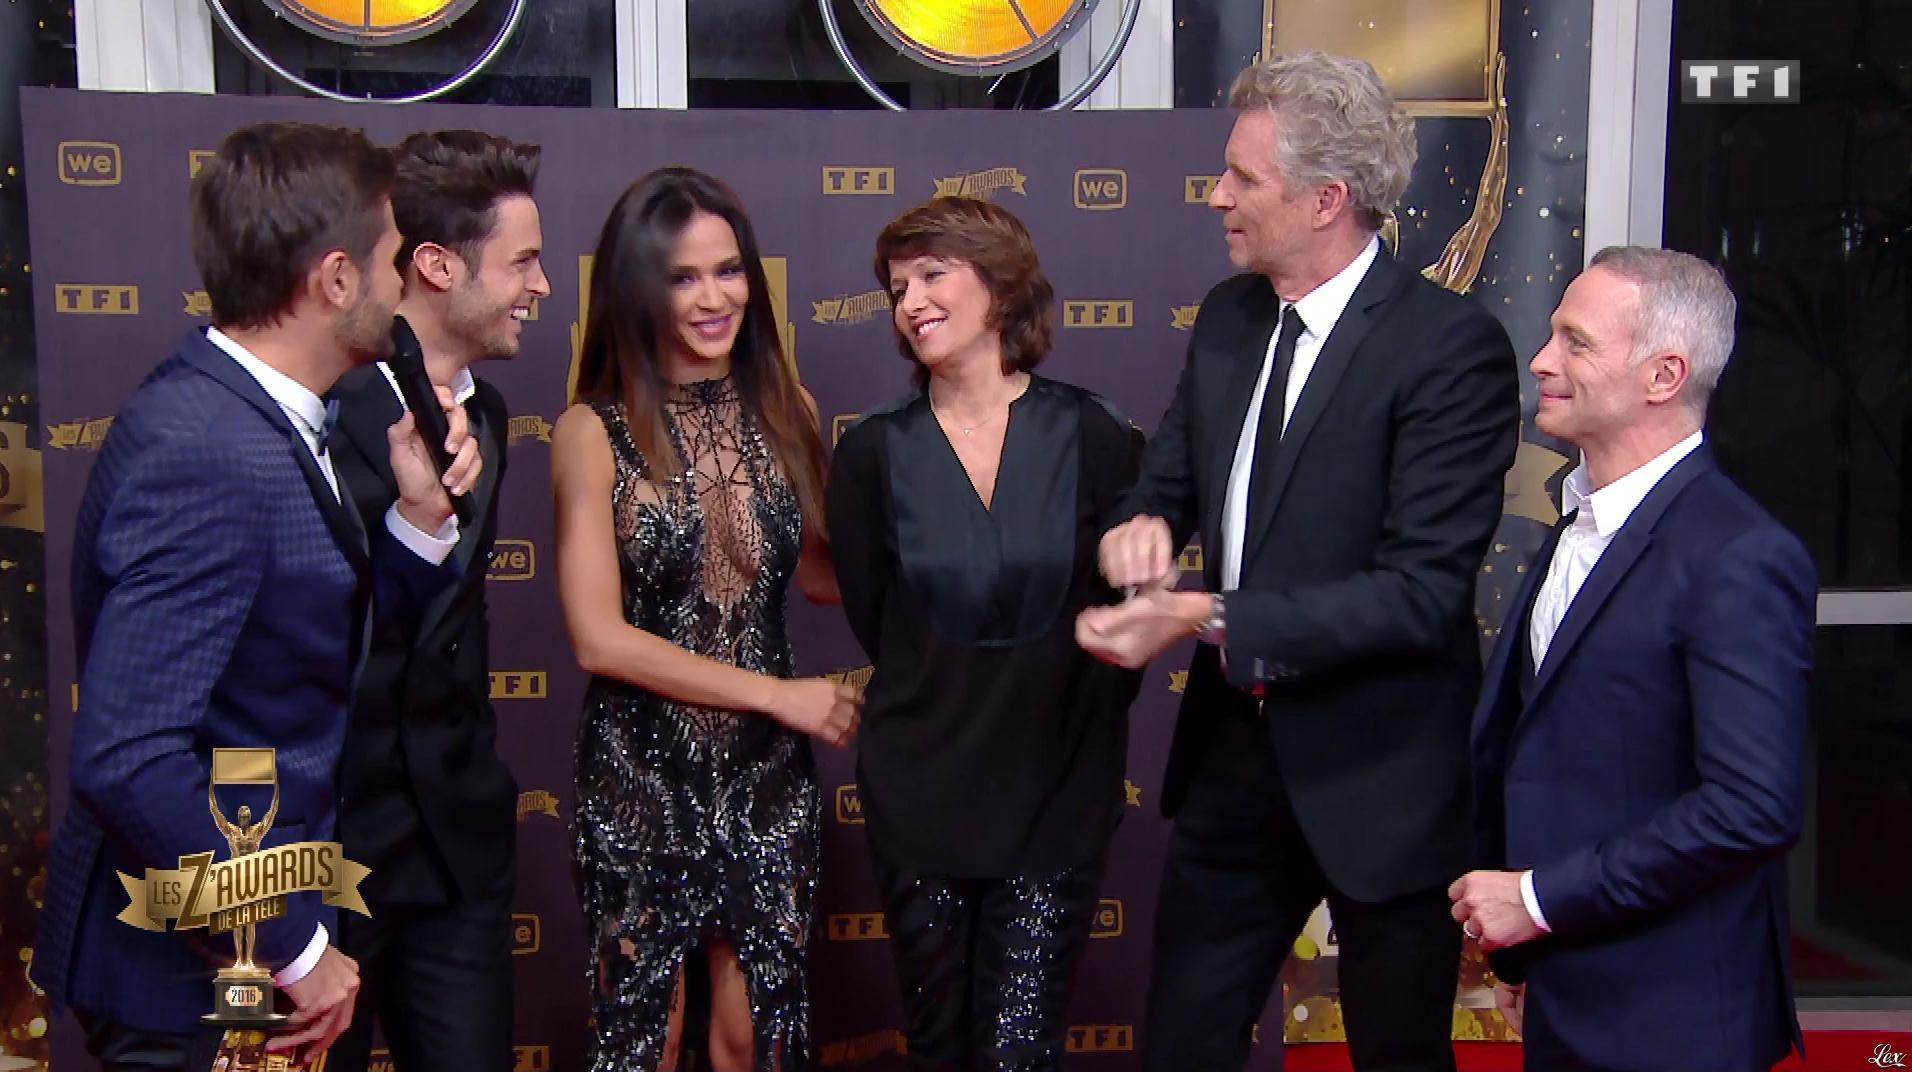 Leïla Ben Khalifa et Carole Rousseau dans les Z Awards. Diffusé à la télévision le 13/01/17.